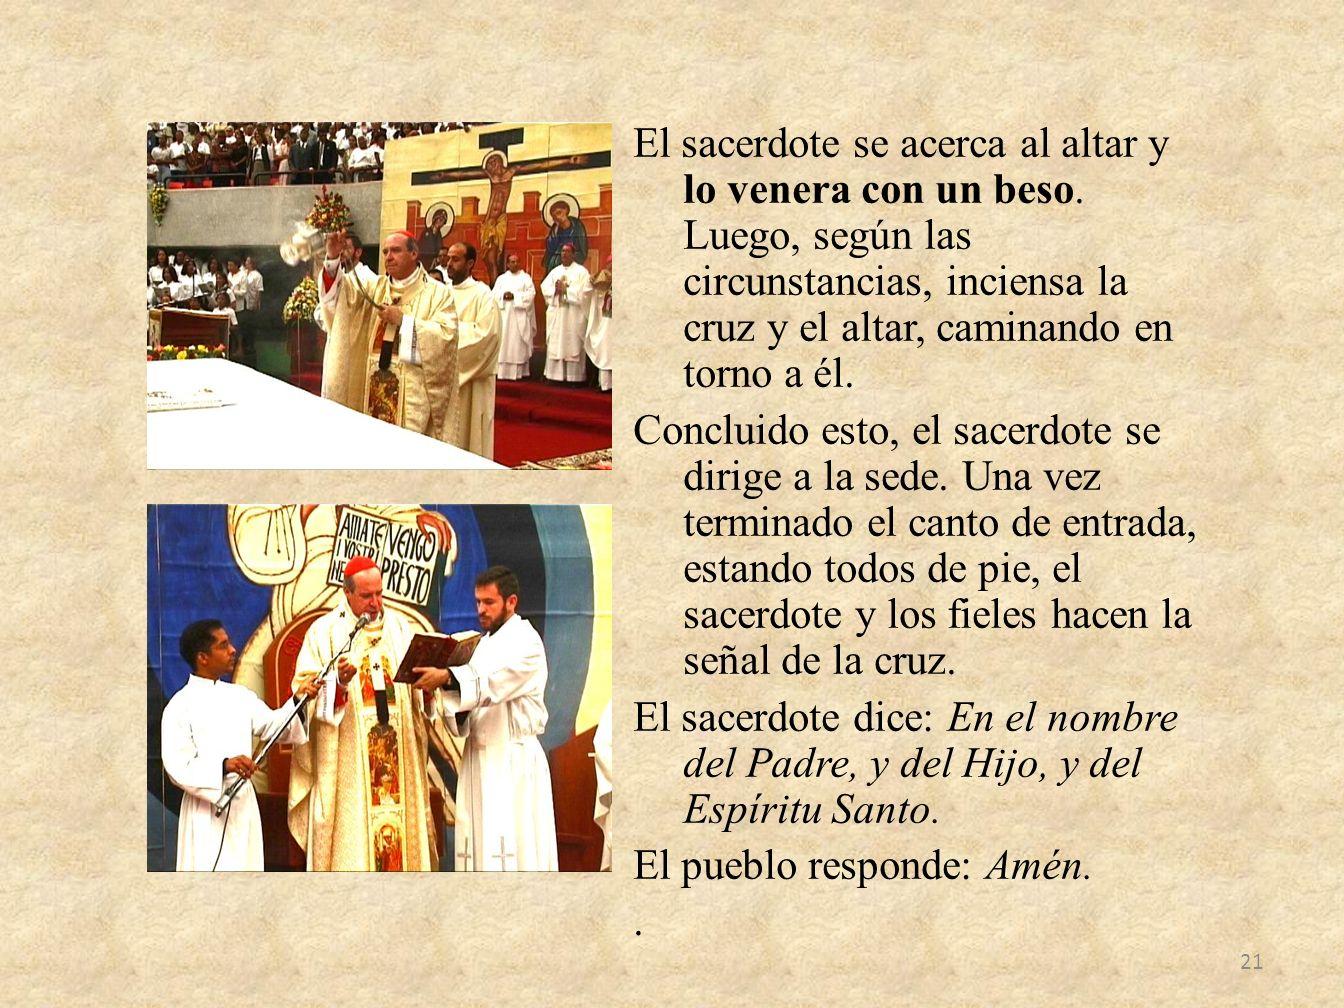 El sacerdote se acerca al altar y lo venera con un beso. Luego, según las circunstancias, inciensa la cruz y el altar, caminando en torno a él. Conclu